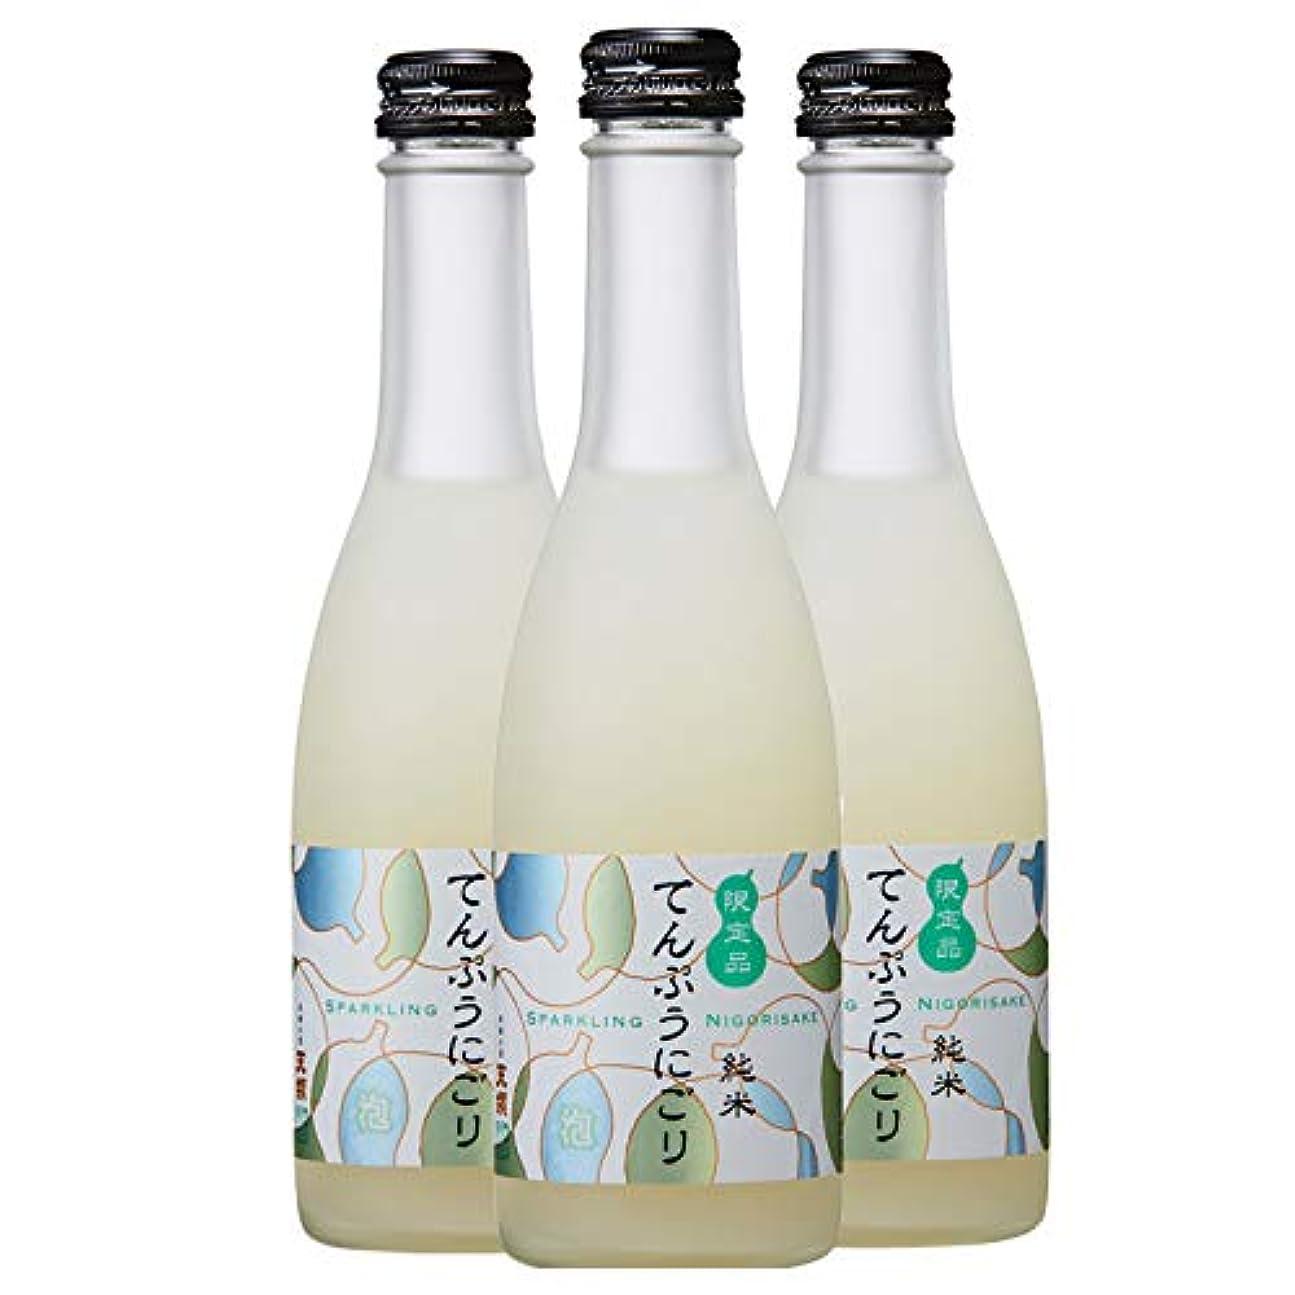 天領酒造 にごりスパークリング日本酒 純米てんぷうにごり 6本セット